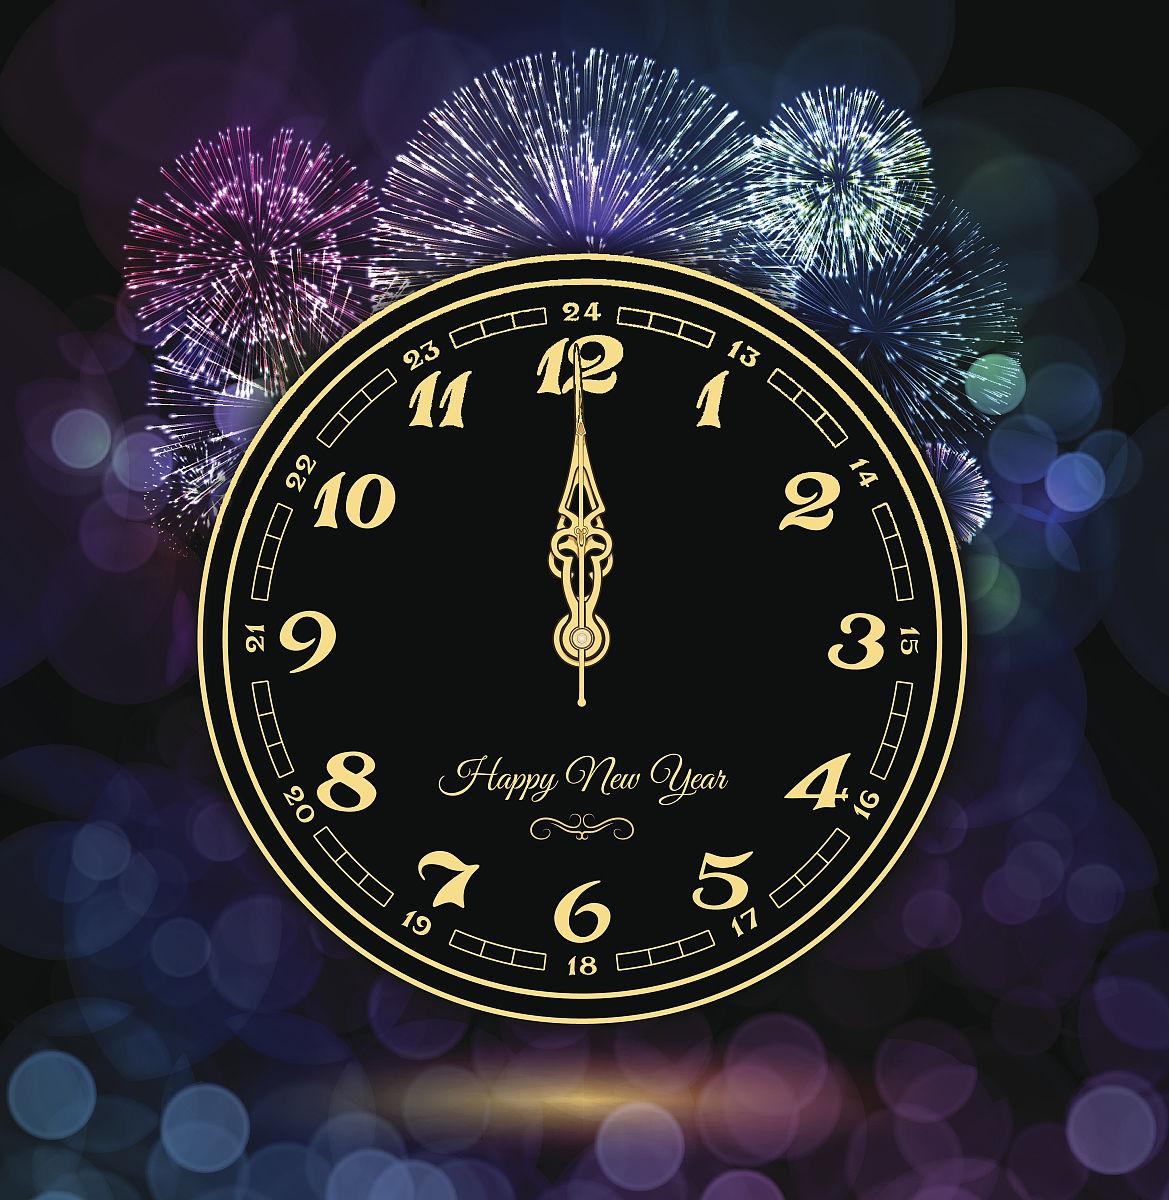 自然美,设备用品,2015年,钟,绘画插图,2017年,夜晚,元旦,文字,庆祝,放图片